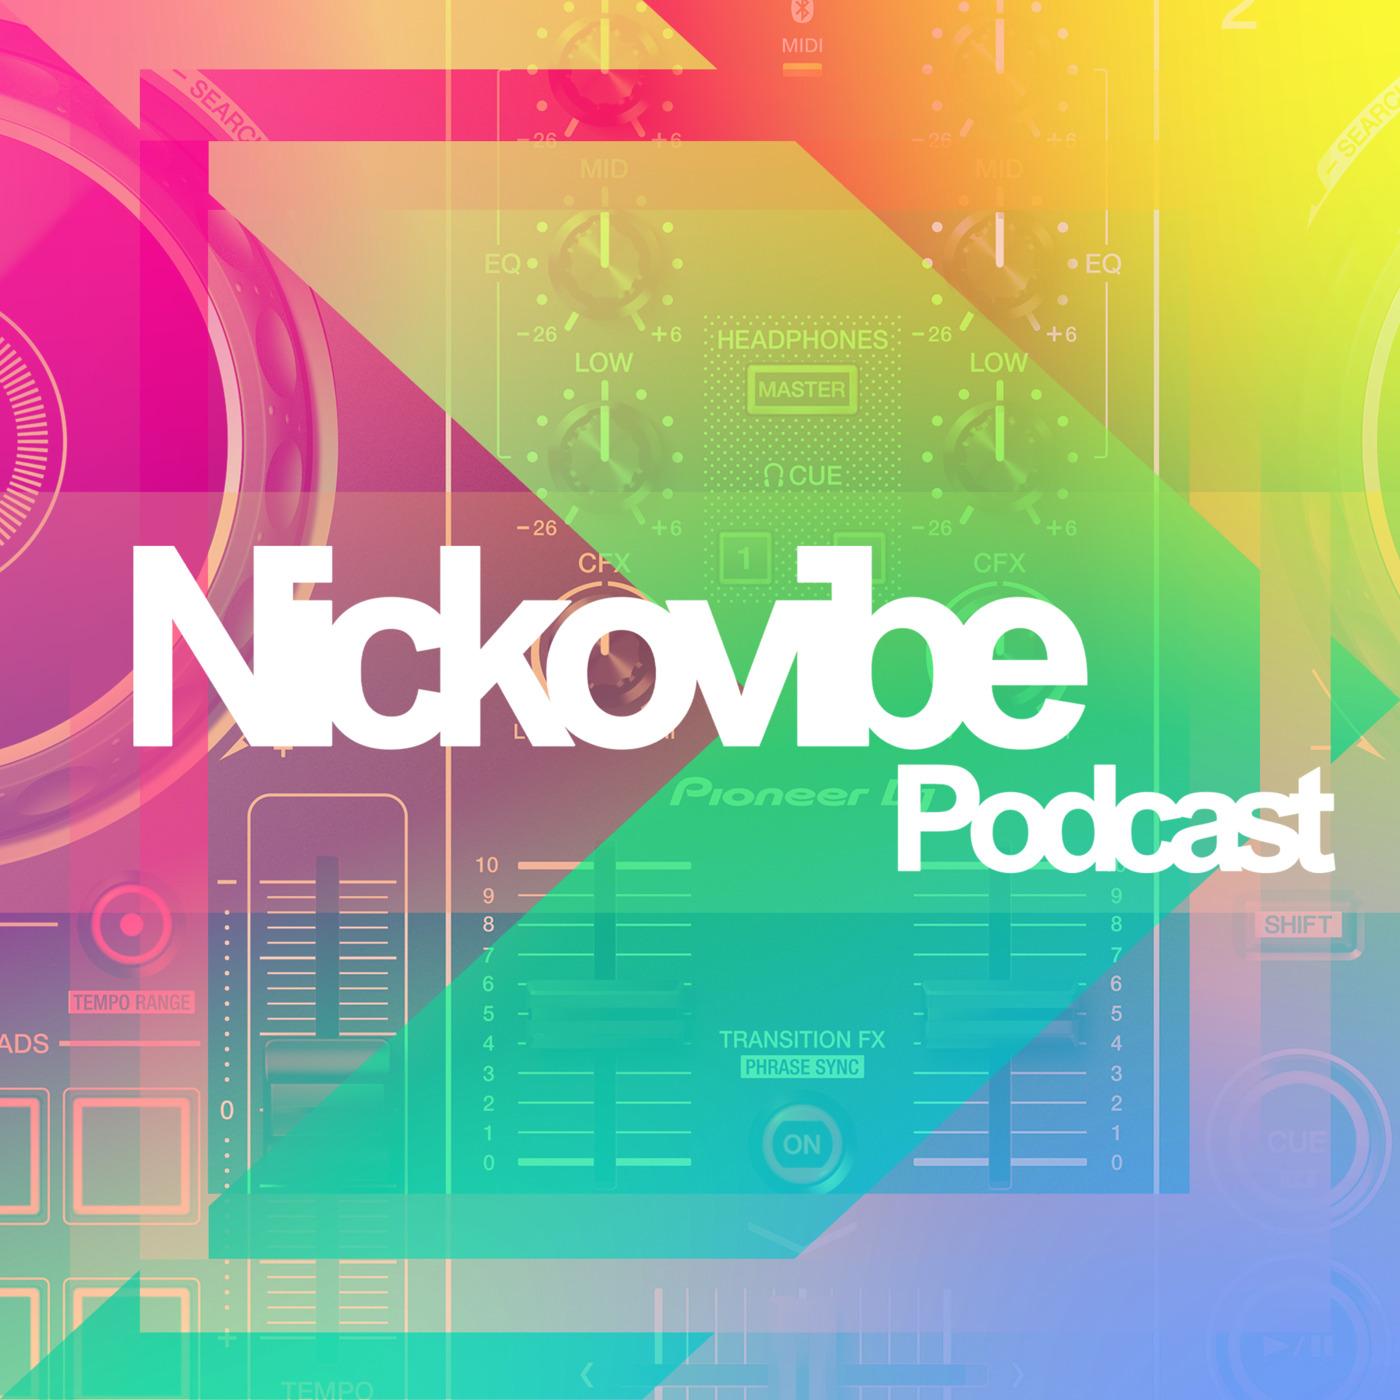 Mix Juillet 2o19 By Nickovibe Nicko Vibe podcast